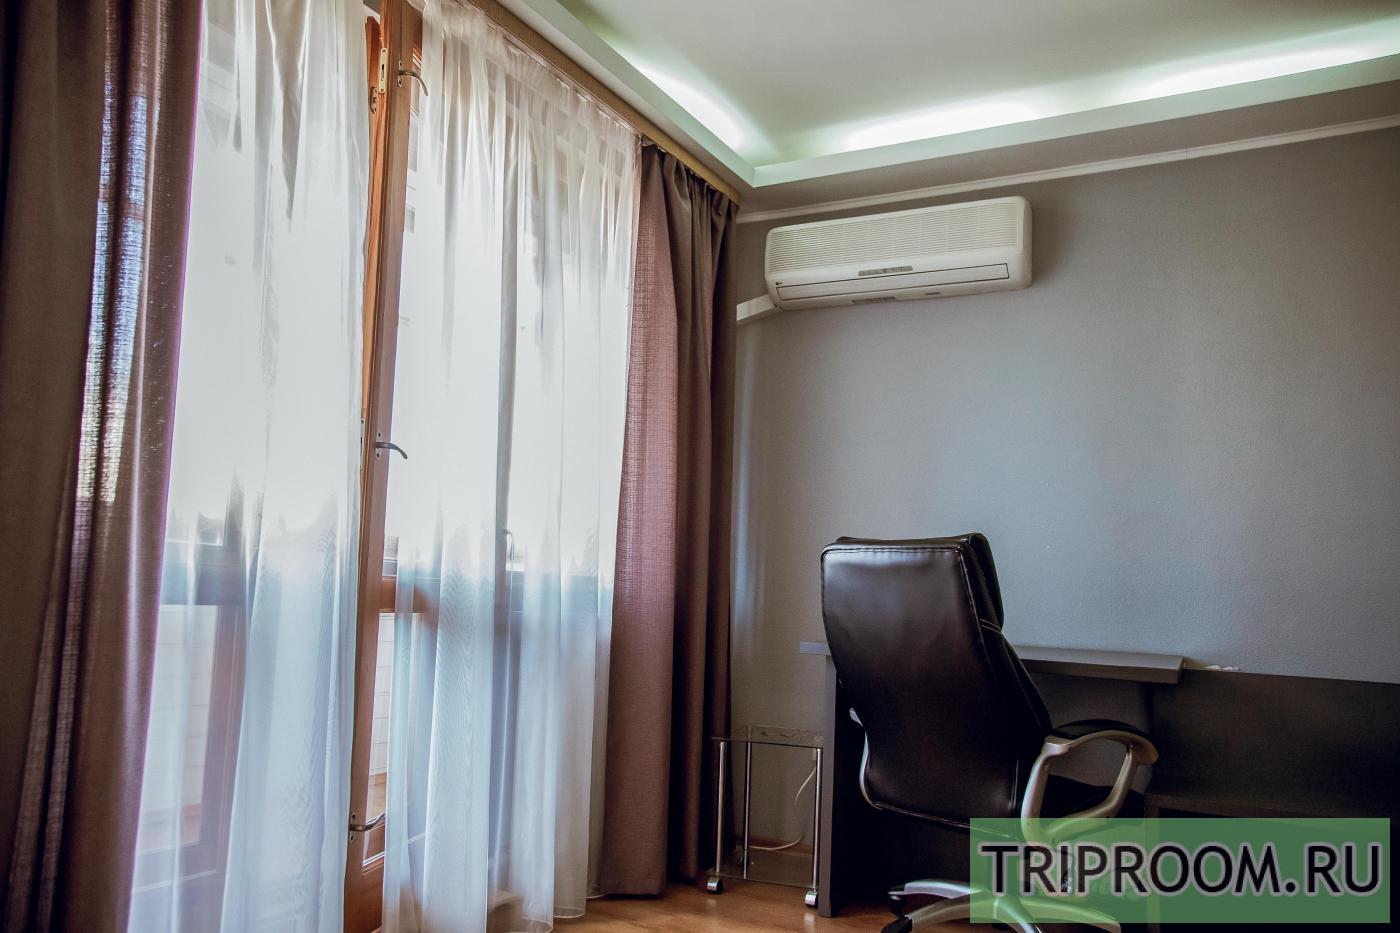 2-комнатная квартира посуточно (вариант № 10786), ул. Станкевича улица, фото № 7